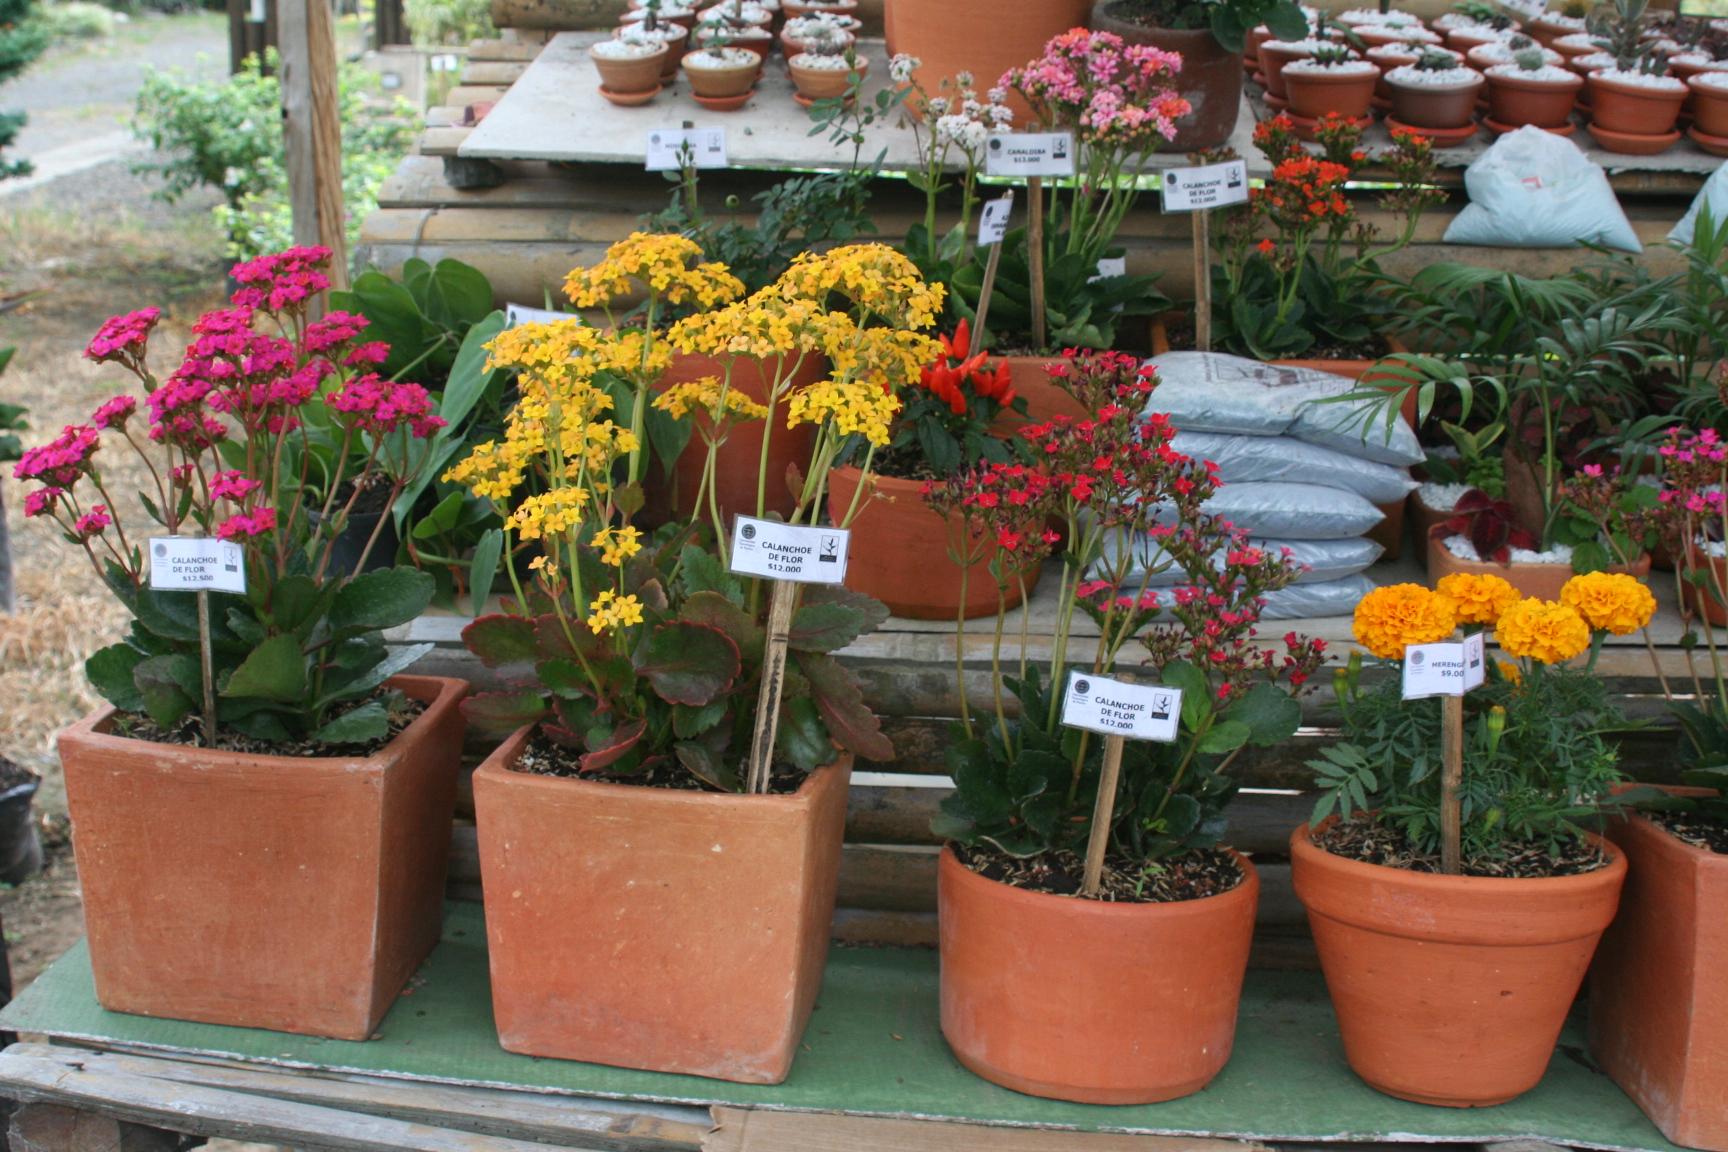 Jard n bot nico adquiere nuestras plantas for Viveros ornamentales